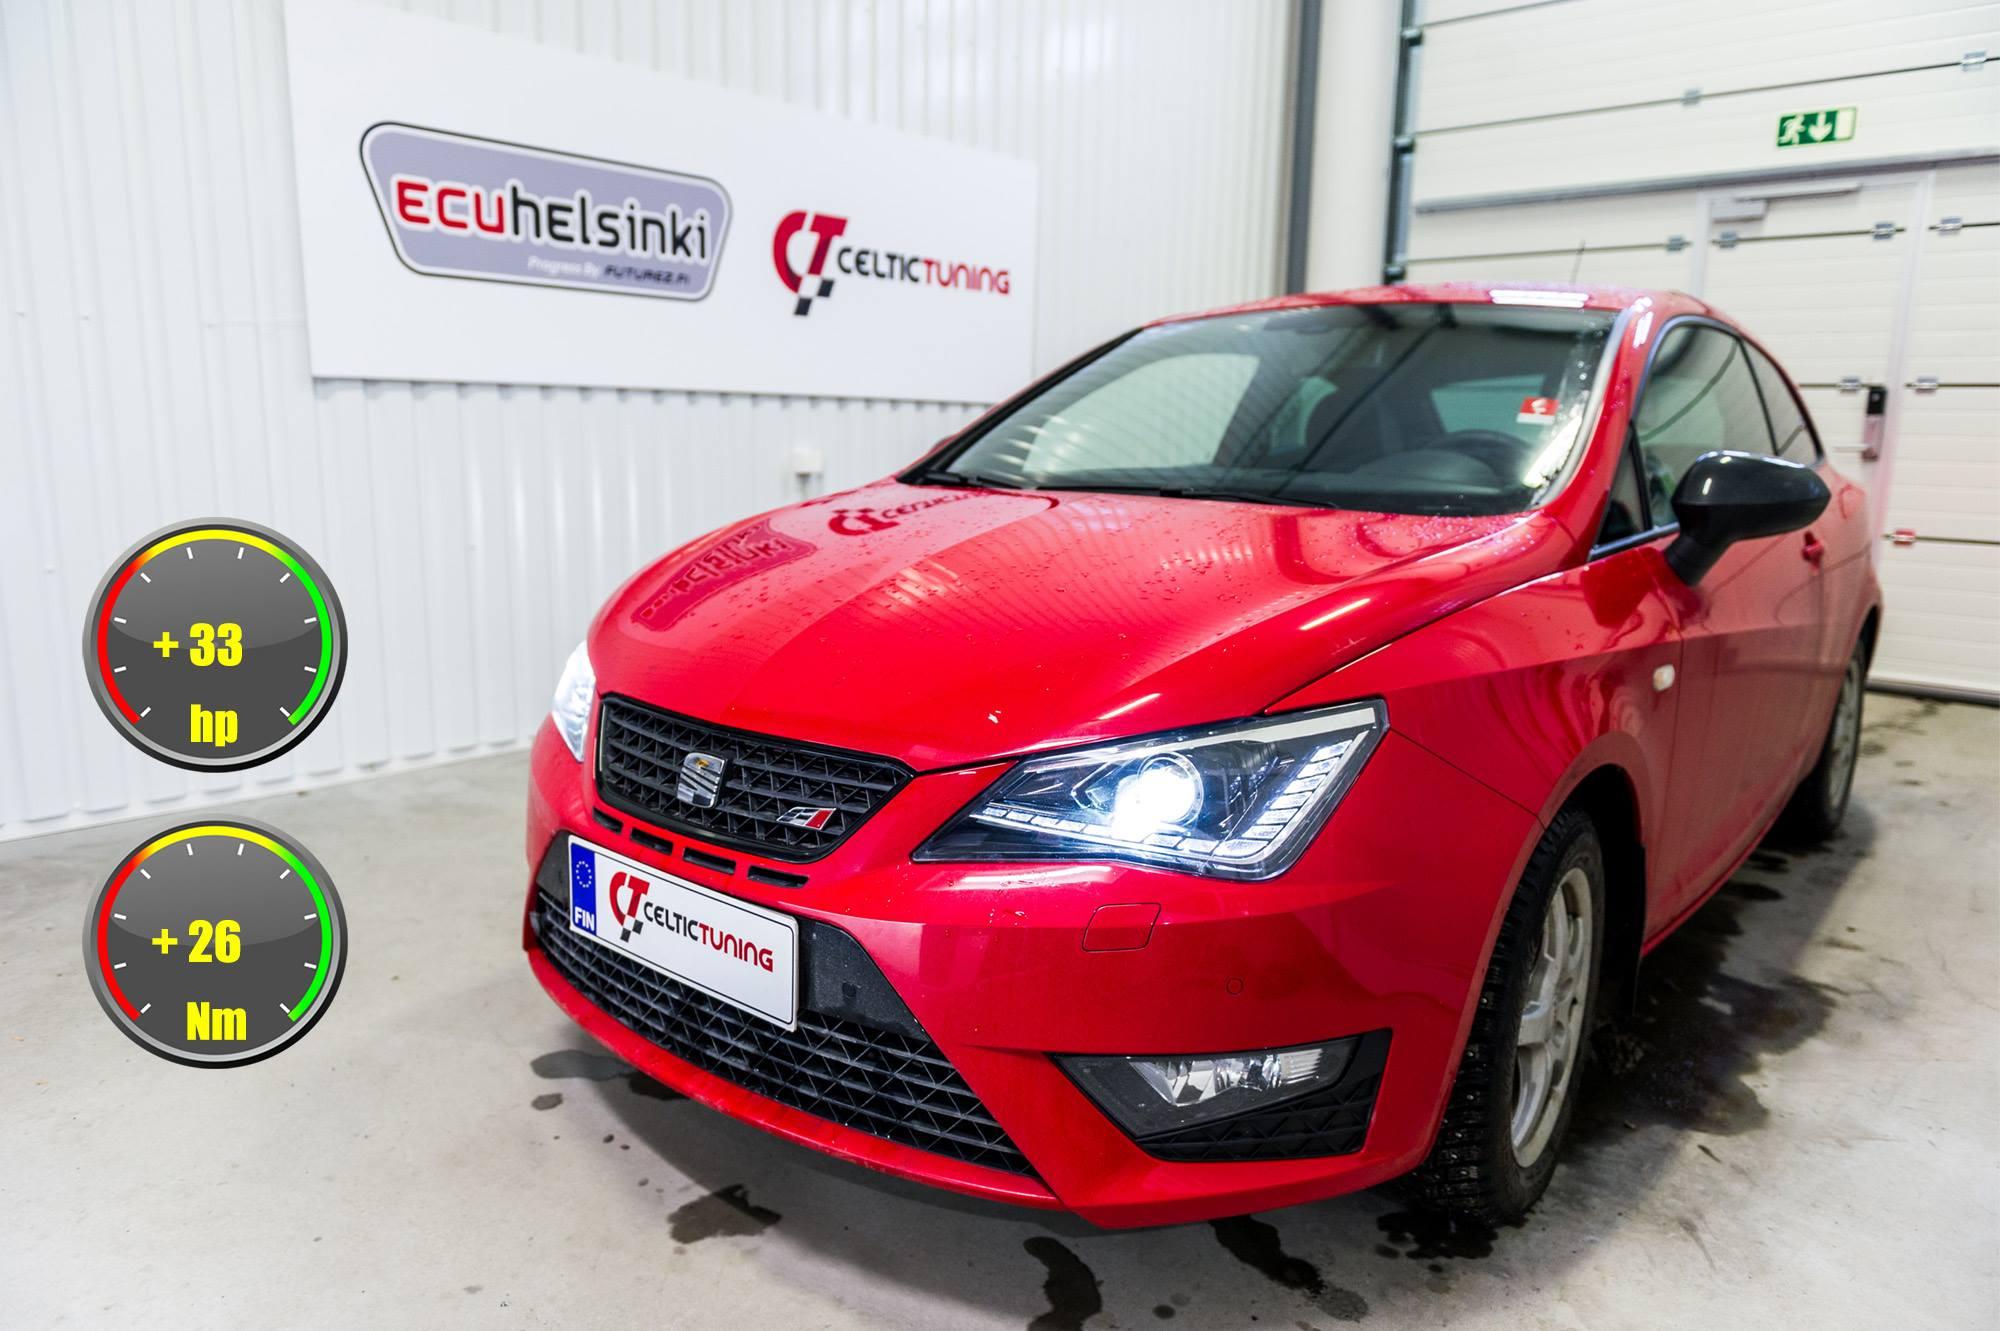 Seat Ibiza Cupra 1.4 TSI opitmointi